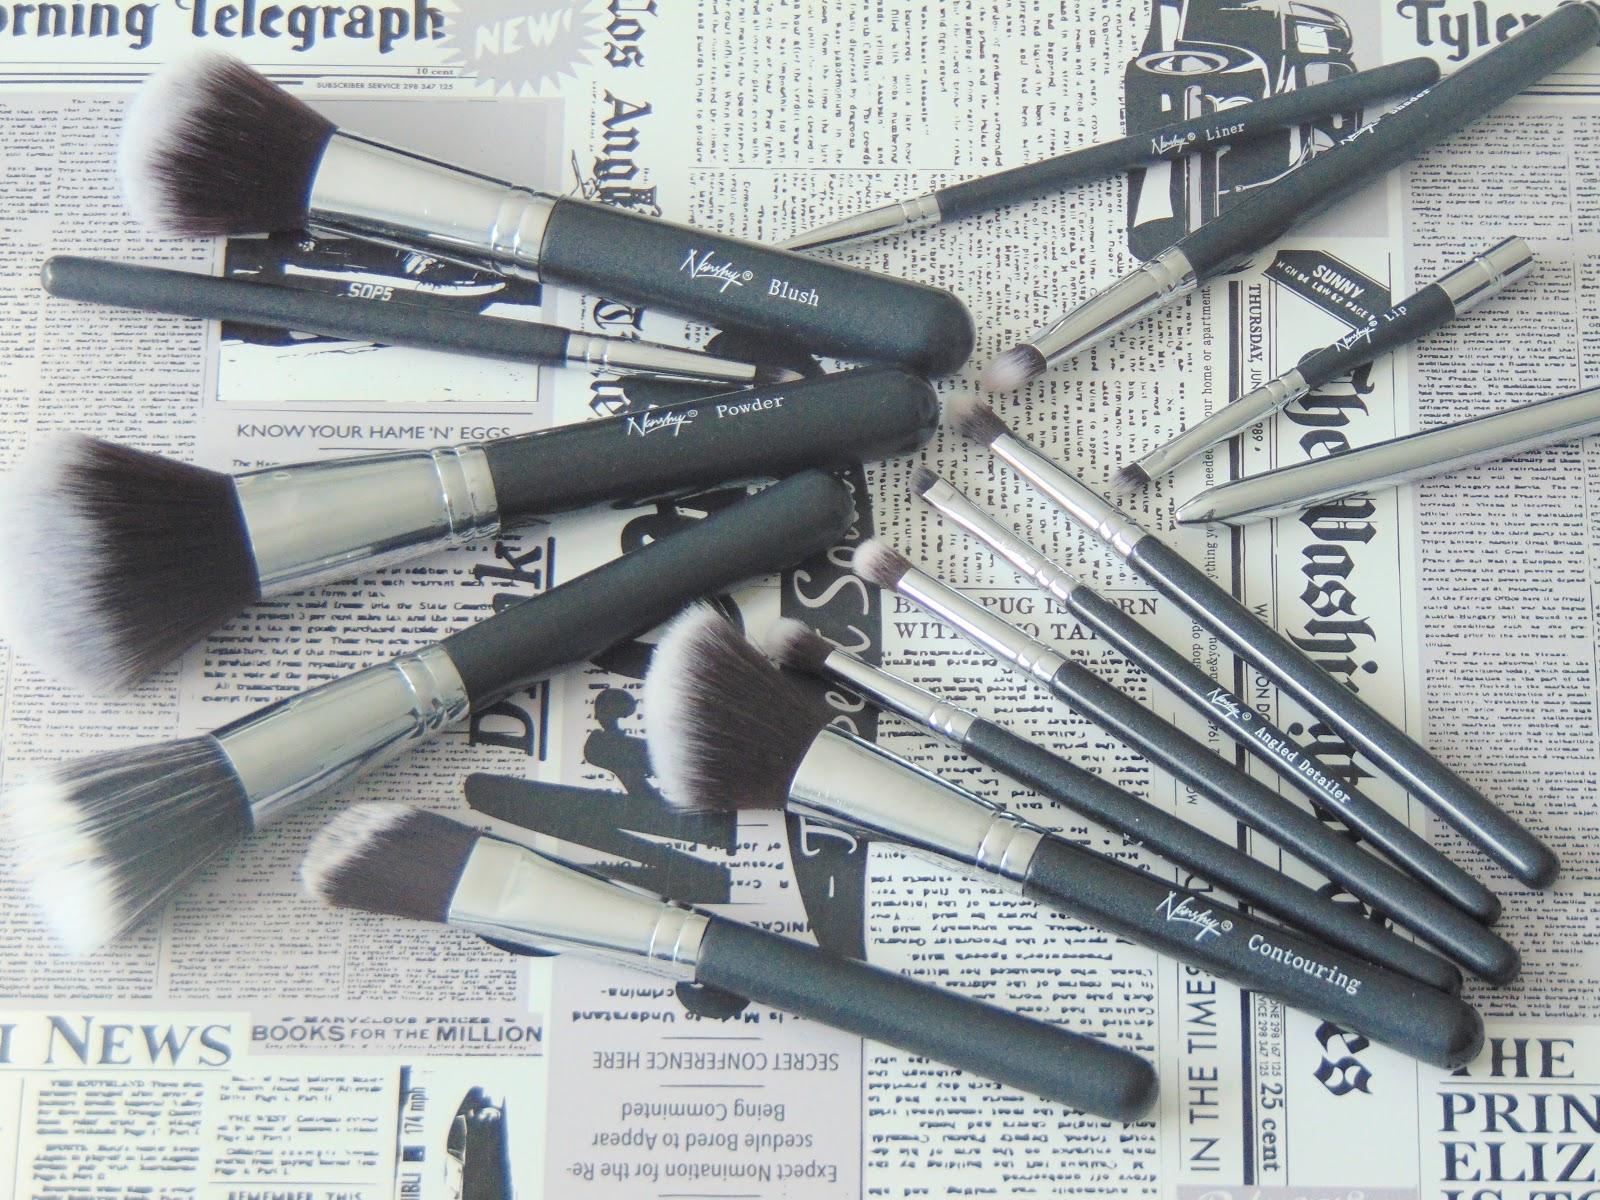 pędzle nanshy brushes onyx black